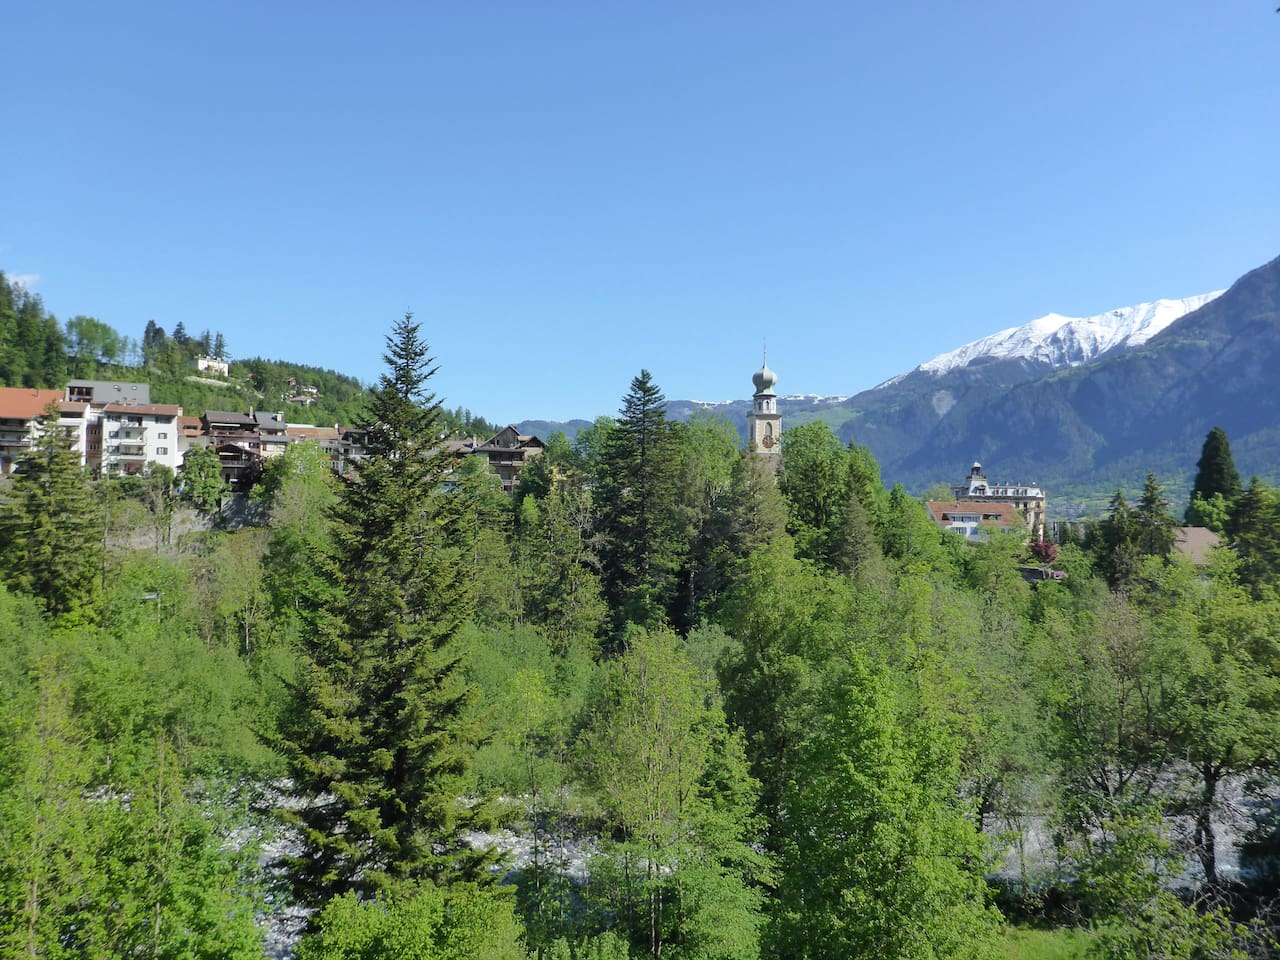 Wunderbare Aussicht vom Zimmer aus ins Grüne und in die Berge